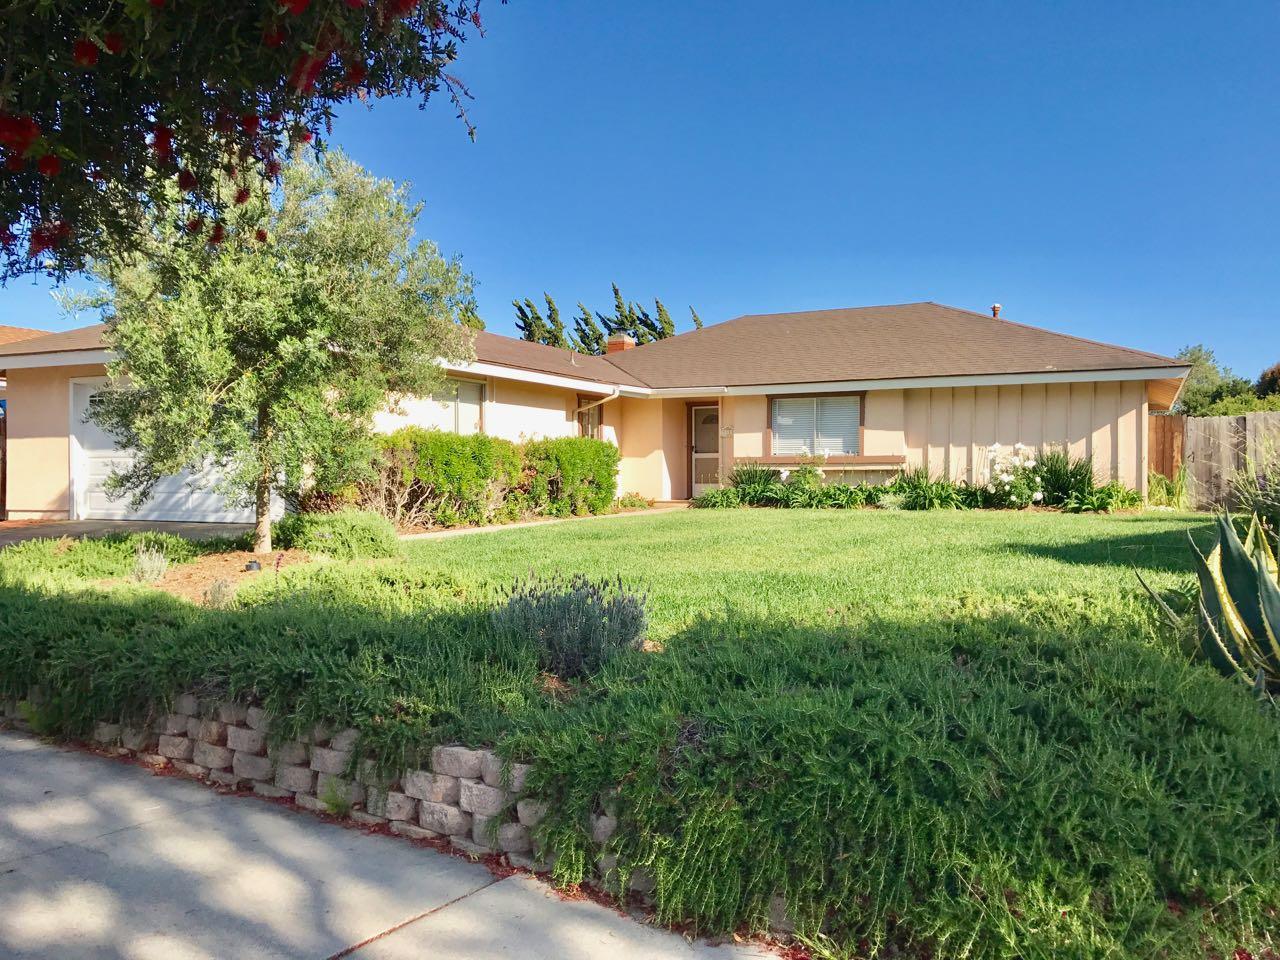 Property photo for 5483 Parejo Dr Santa Barbara, California 93111 - 17-1941